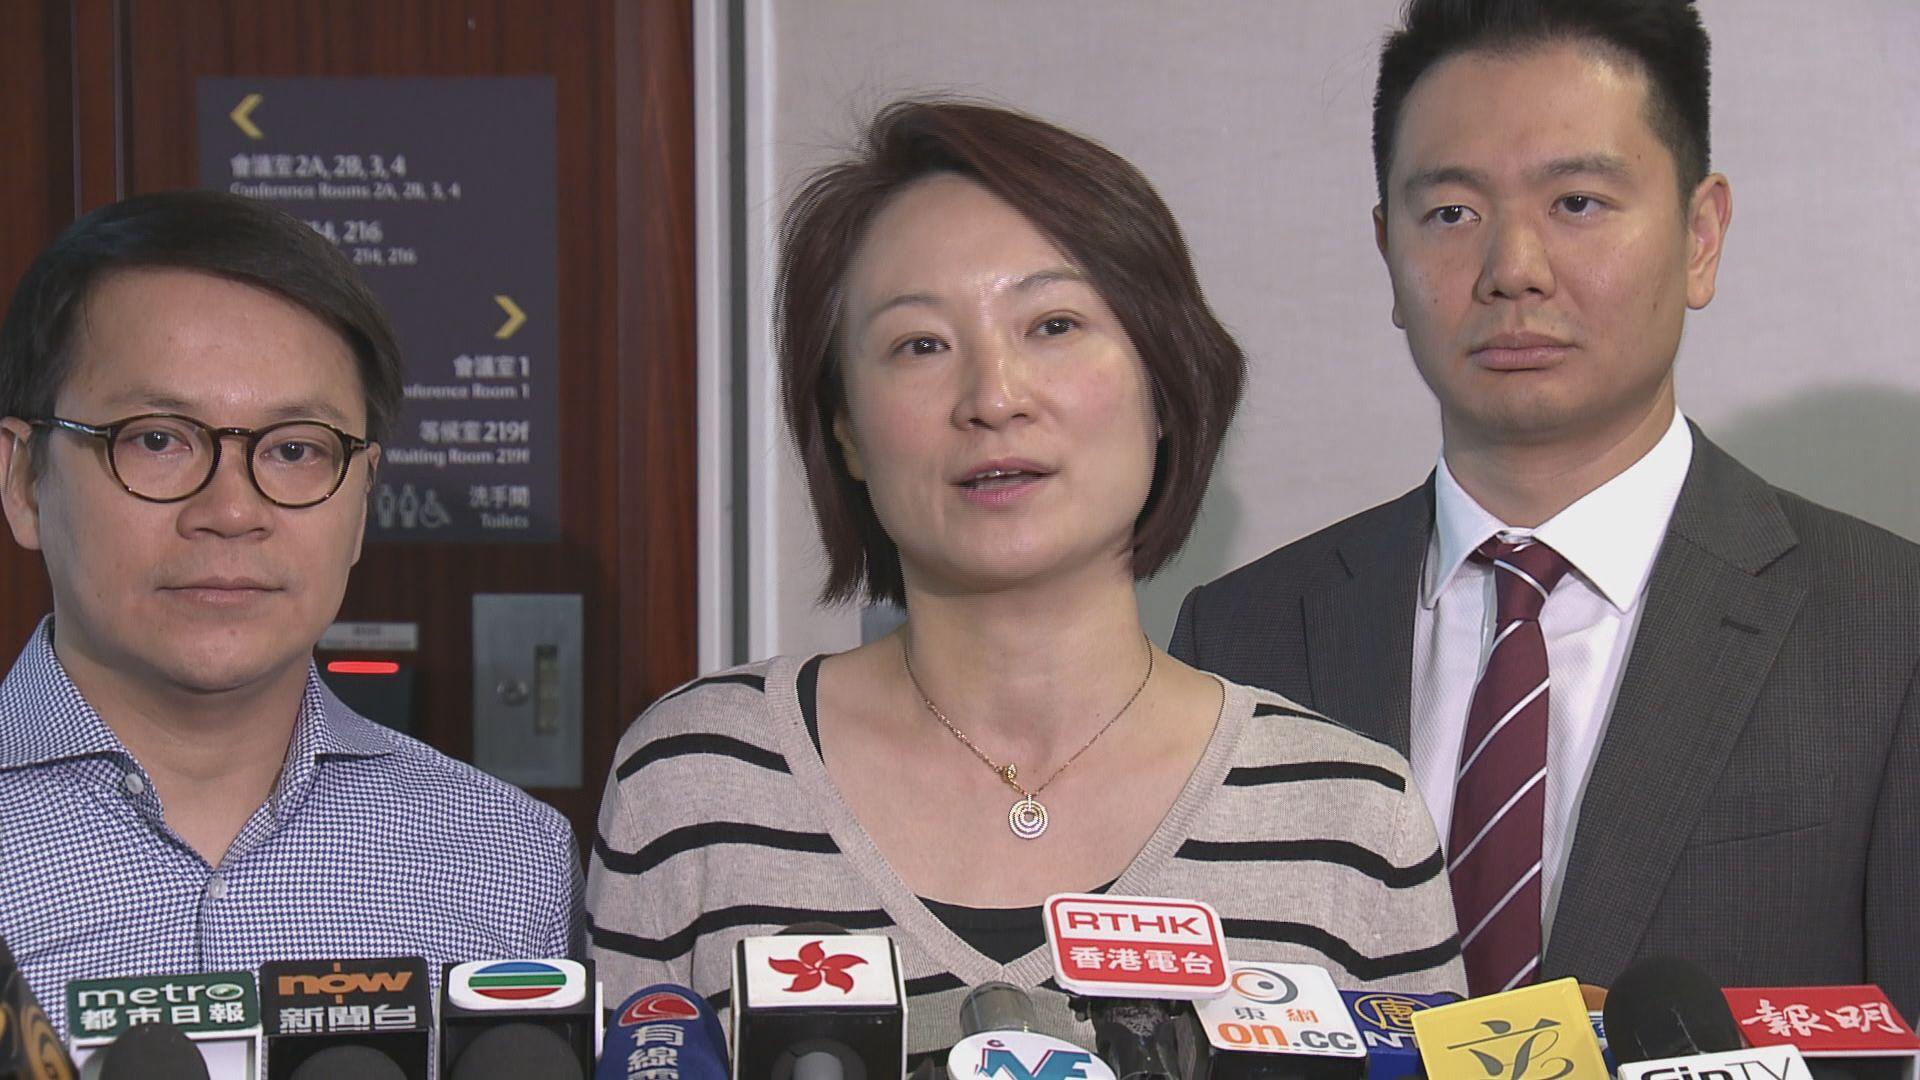 李慧琼:刊憲禁民族黨是向港獨發嚴厲訊息